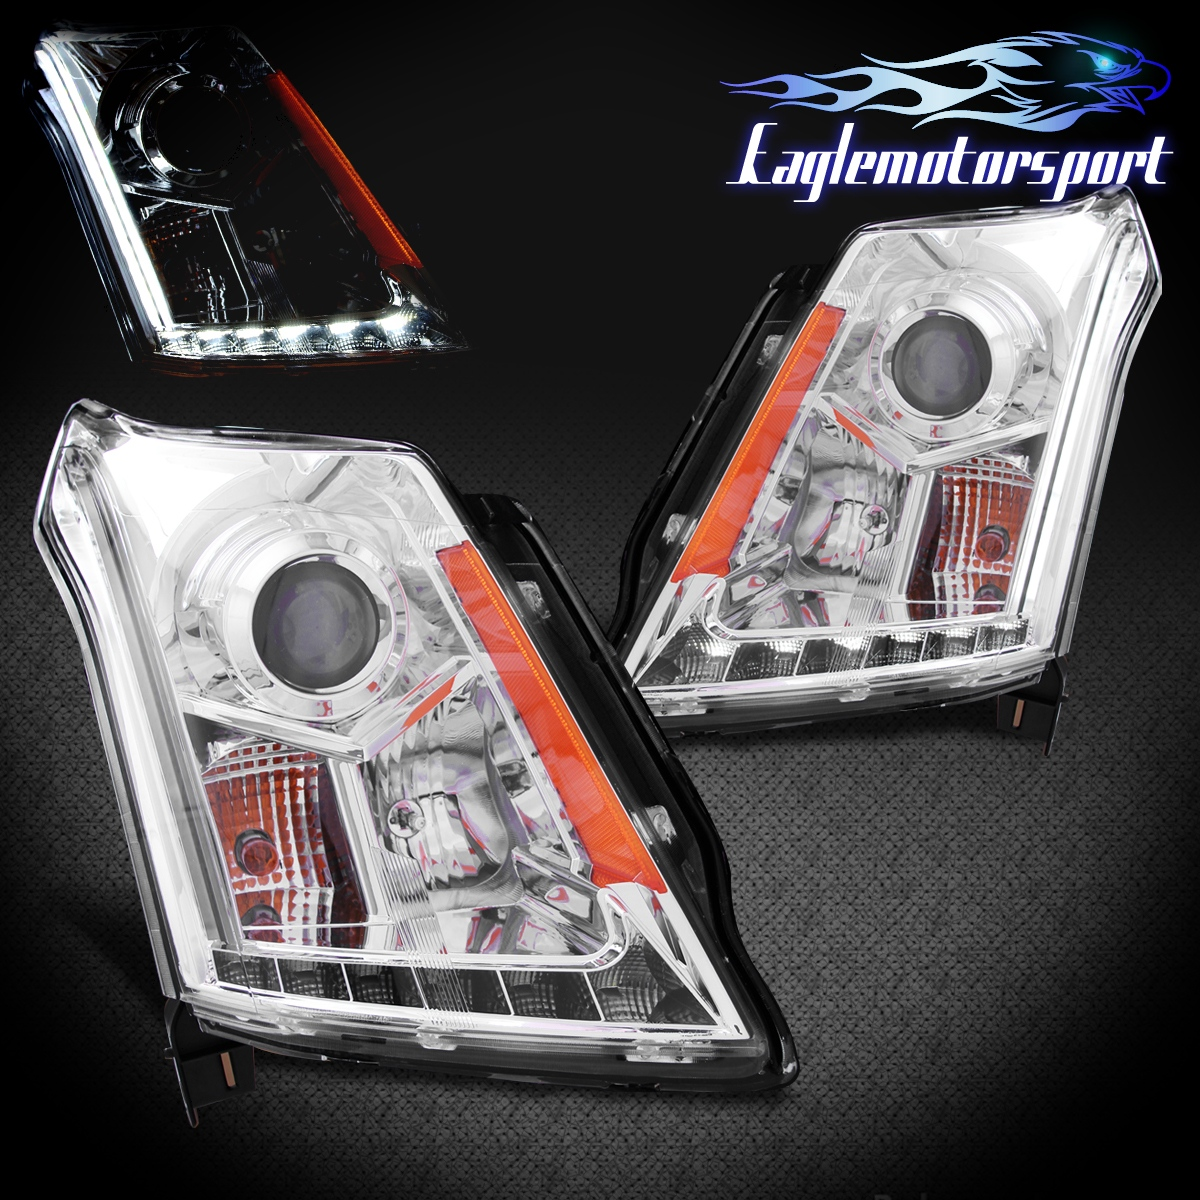 [LED Light Bar] 2010 2011 2012 2013 2014 Cadillac SRX LED